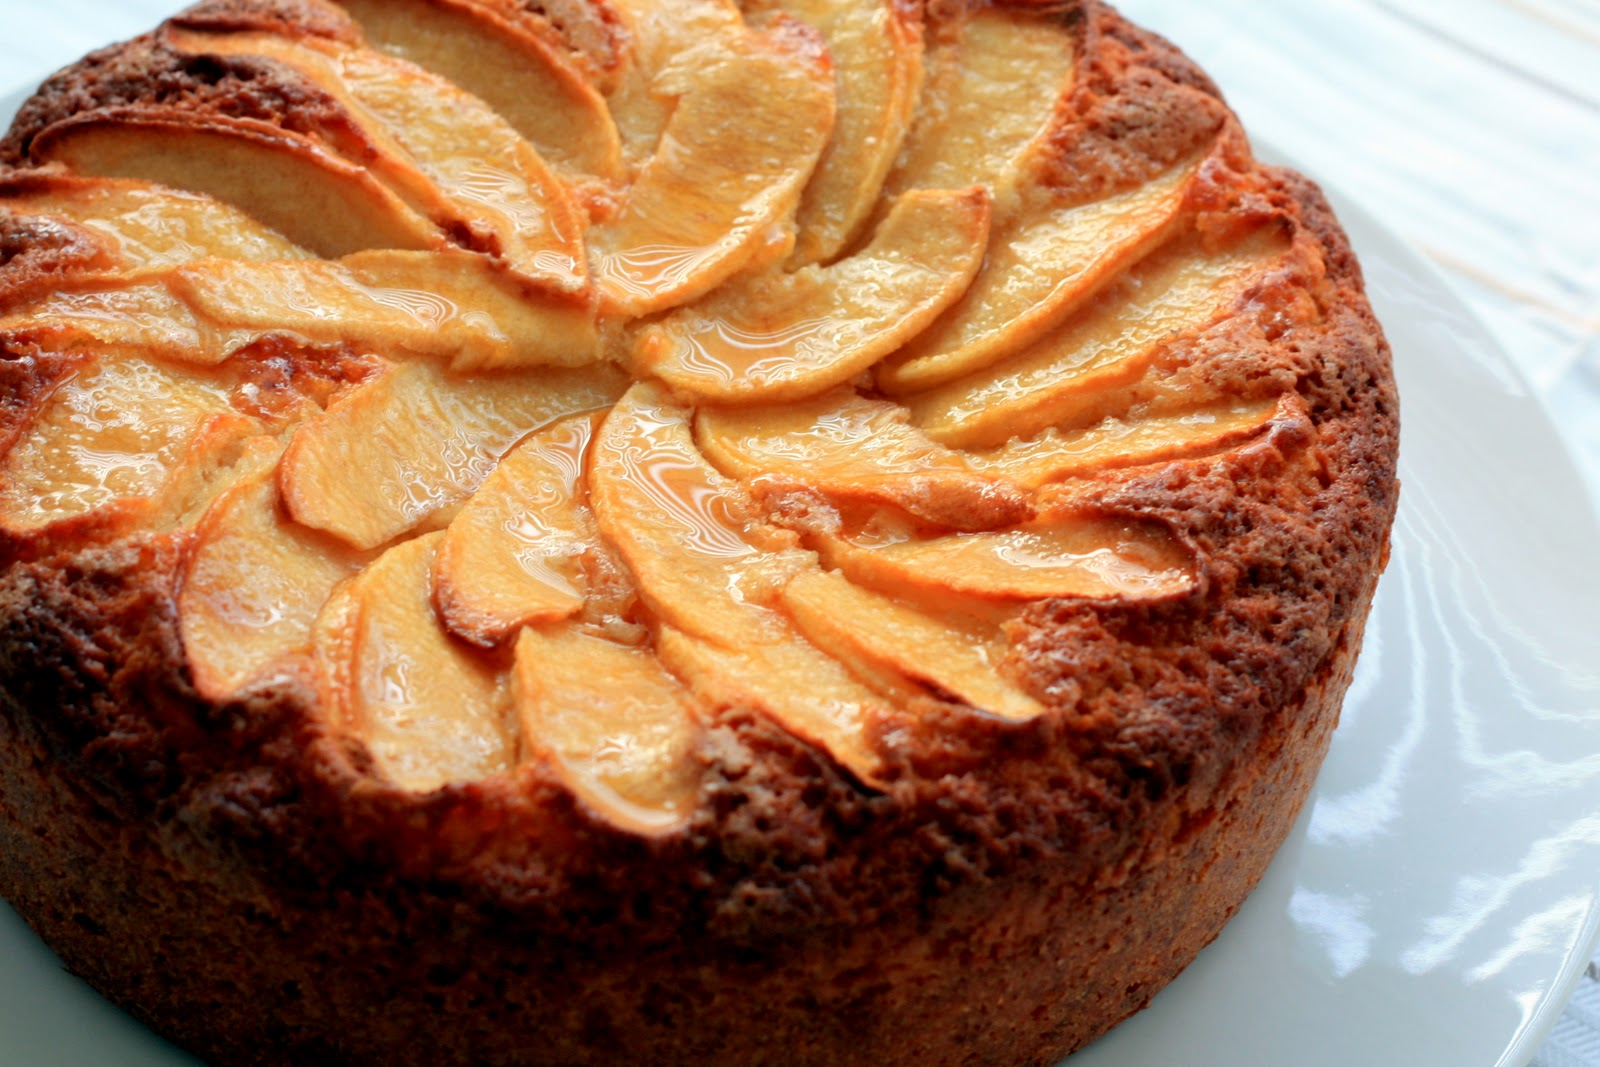 Receta f cil de bizcocho de yogur con manzana el past s for Bizcocho de yogur de limon esponjoso facil